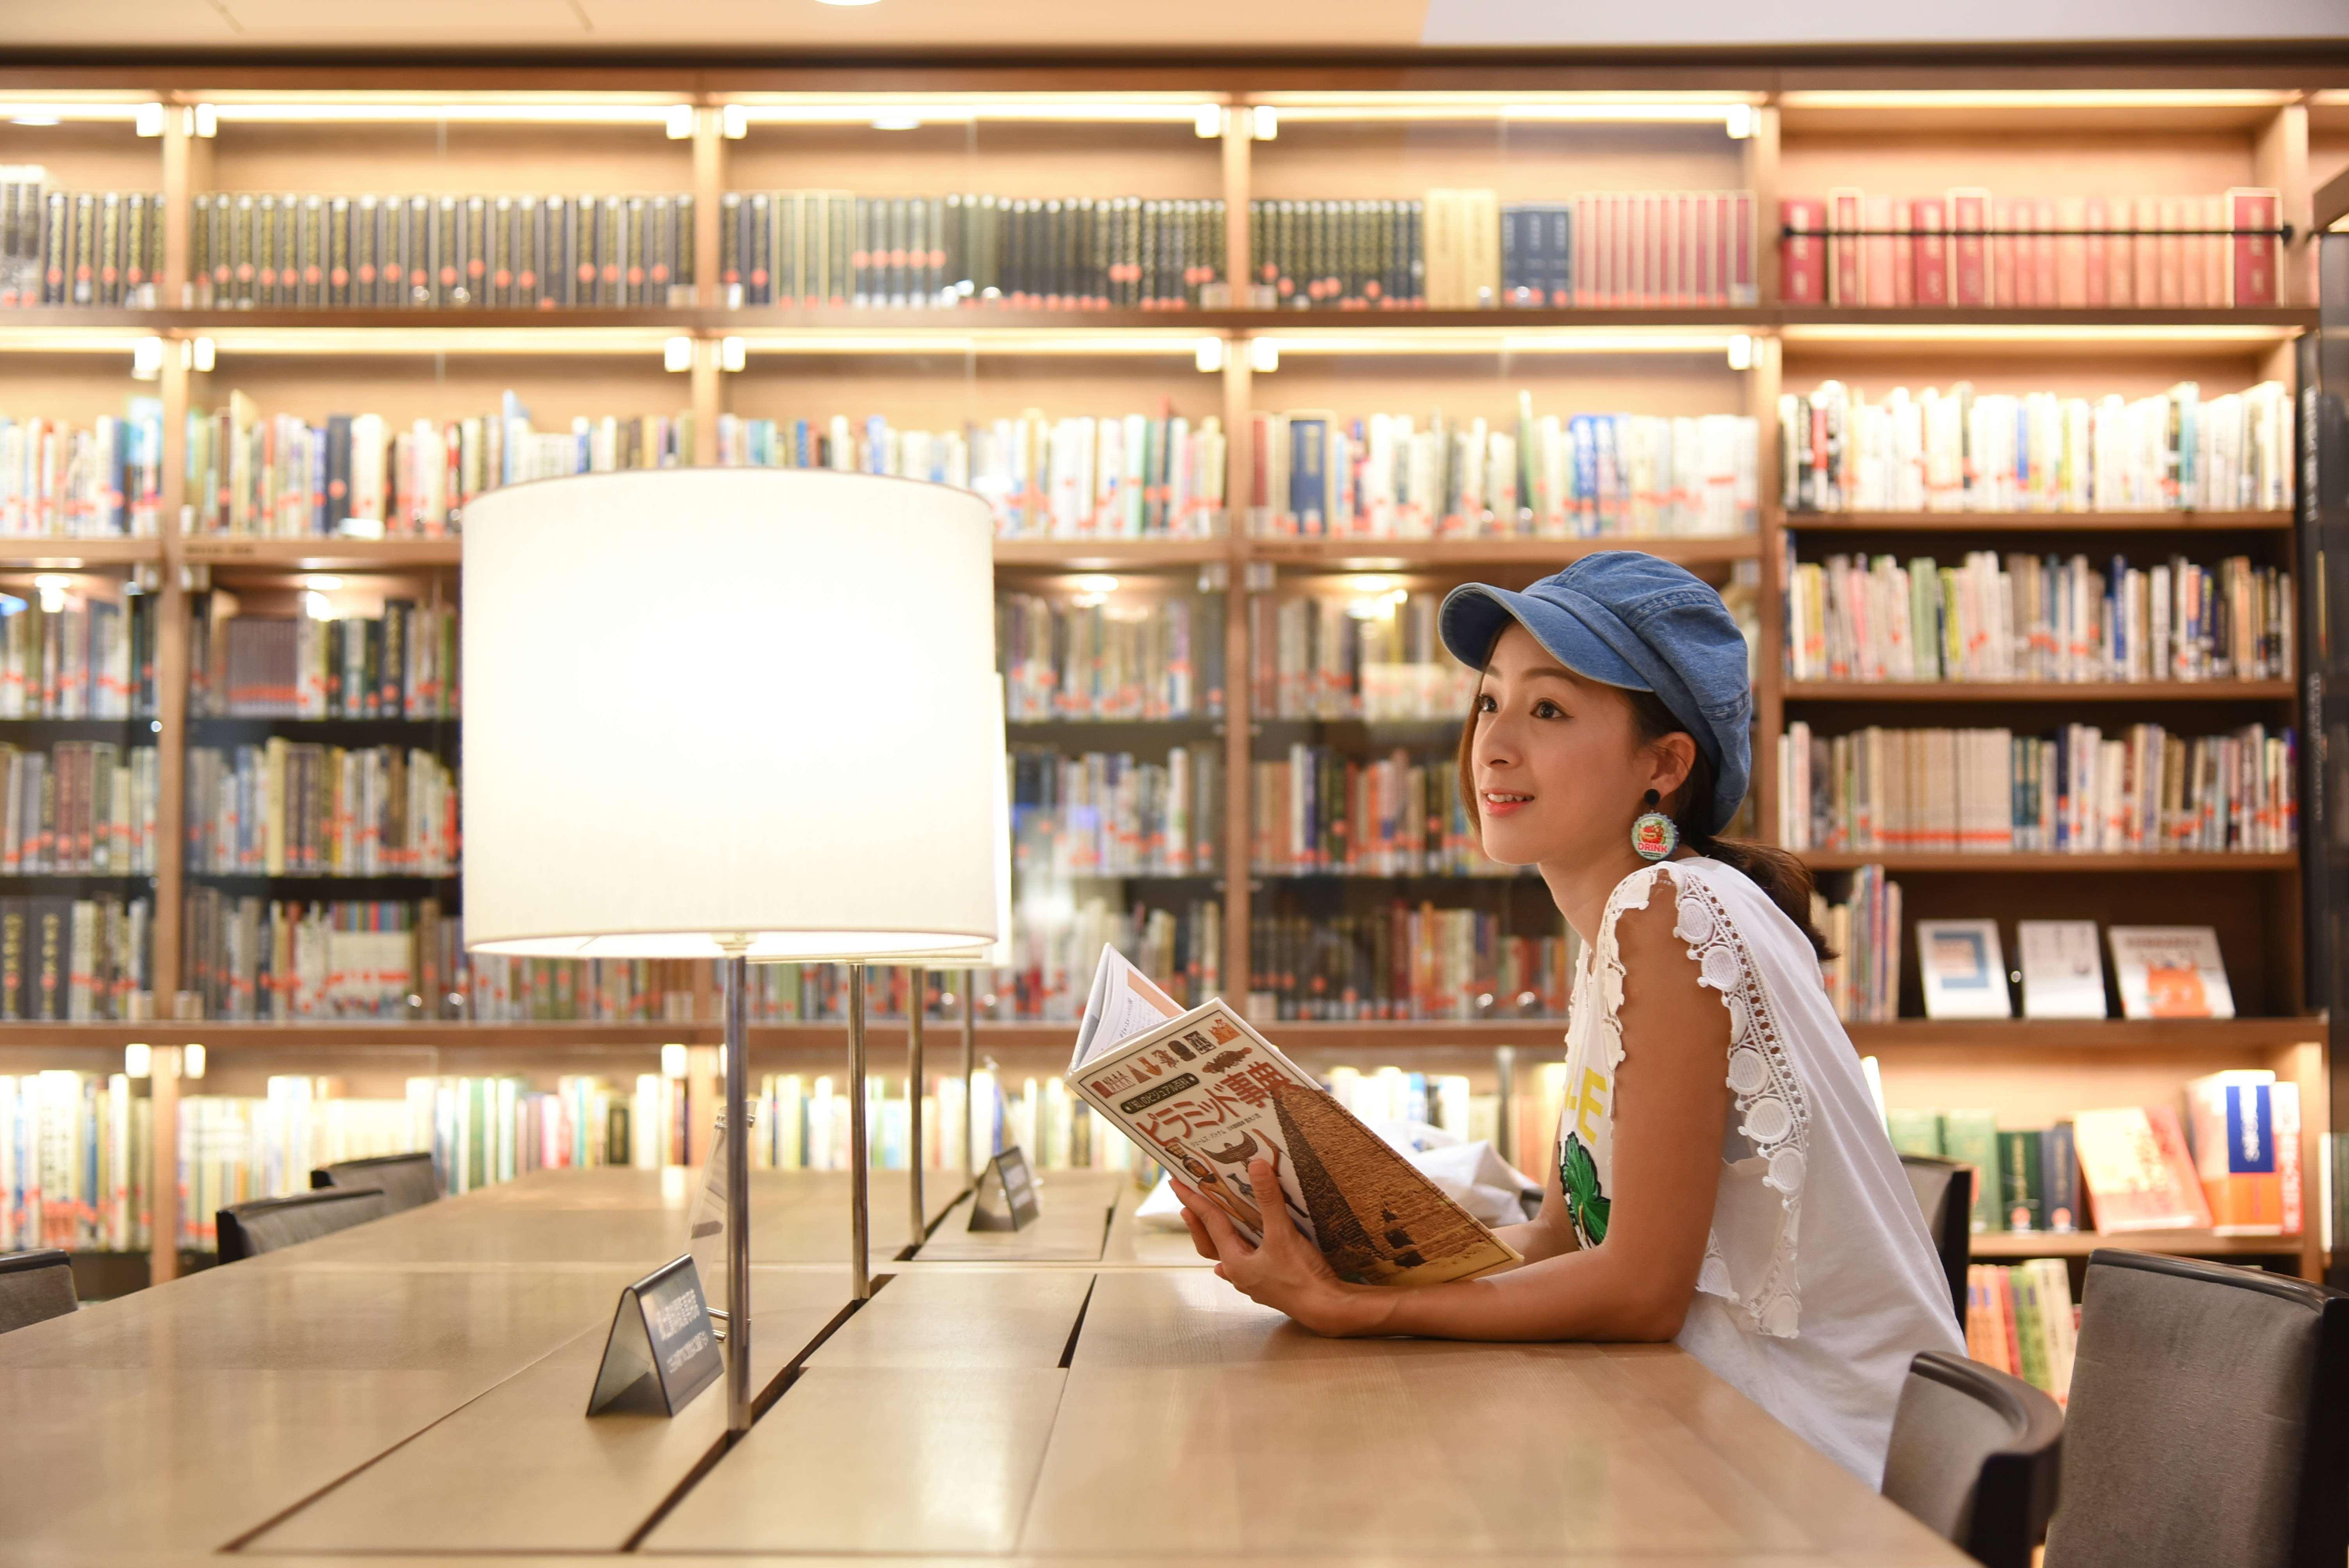 【佐賀│武雄圖書館】日本最美圖書館之一,北九州景點推薦